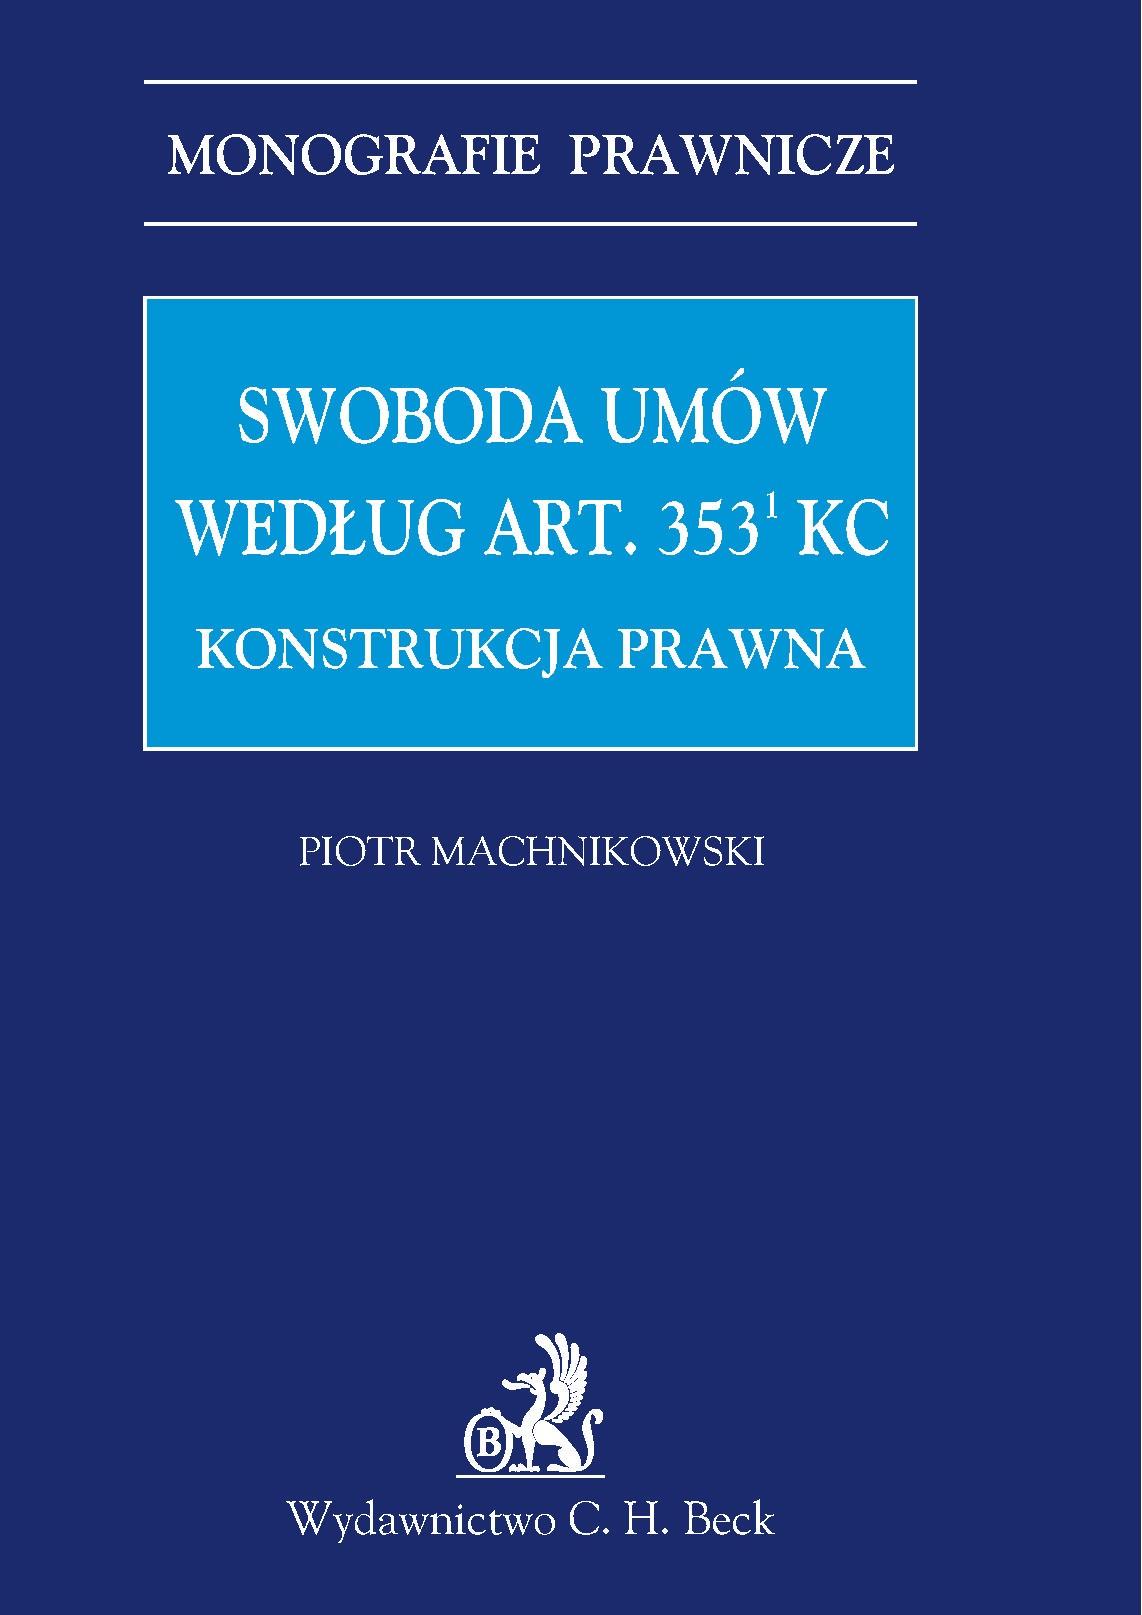 Swoboda umów według art. 3531 KC. Konstrukcja prawna - Ebook (Książka PDF) do pobrania w formacie PDF